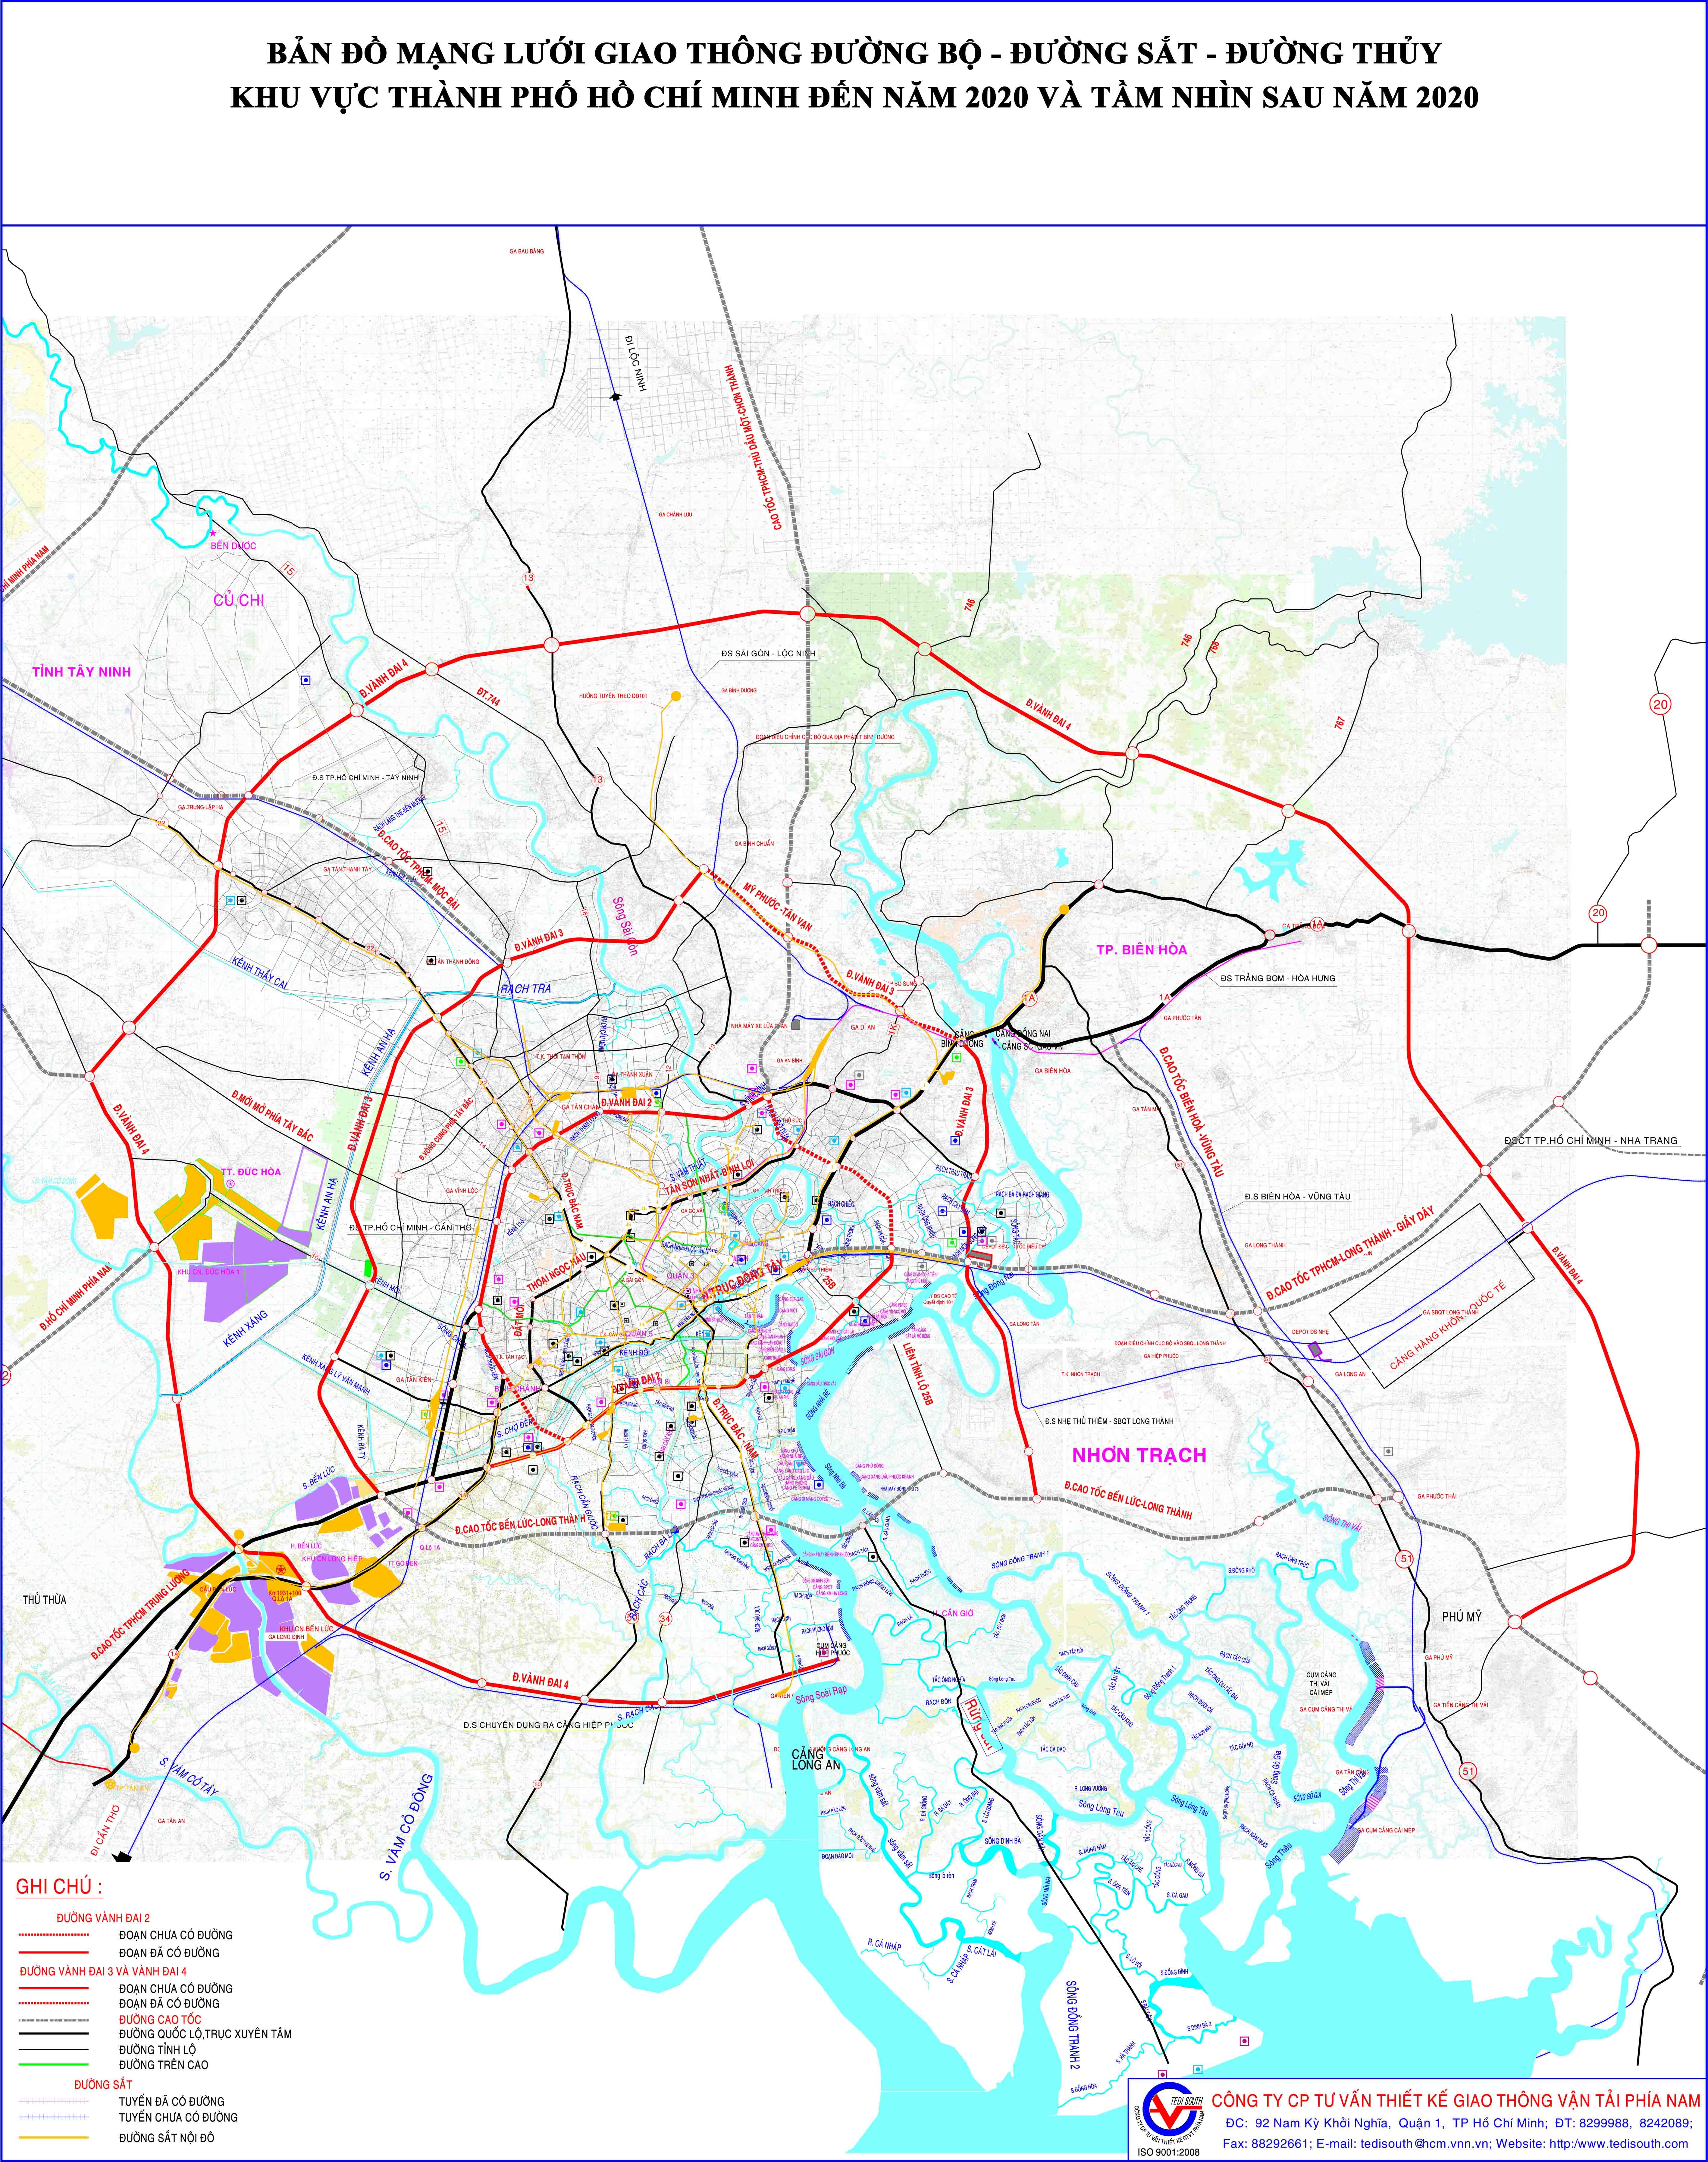 Bản đồ mạng lưới giai thông đường bộ - đường sắt - đường thuỷ khu vực TPHCM đến năm 2020 và tầm nhìn sau 2020